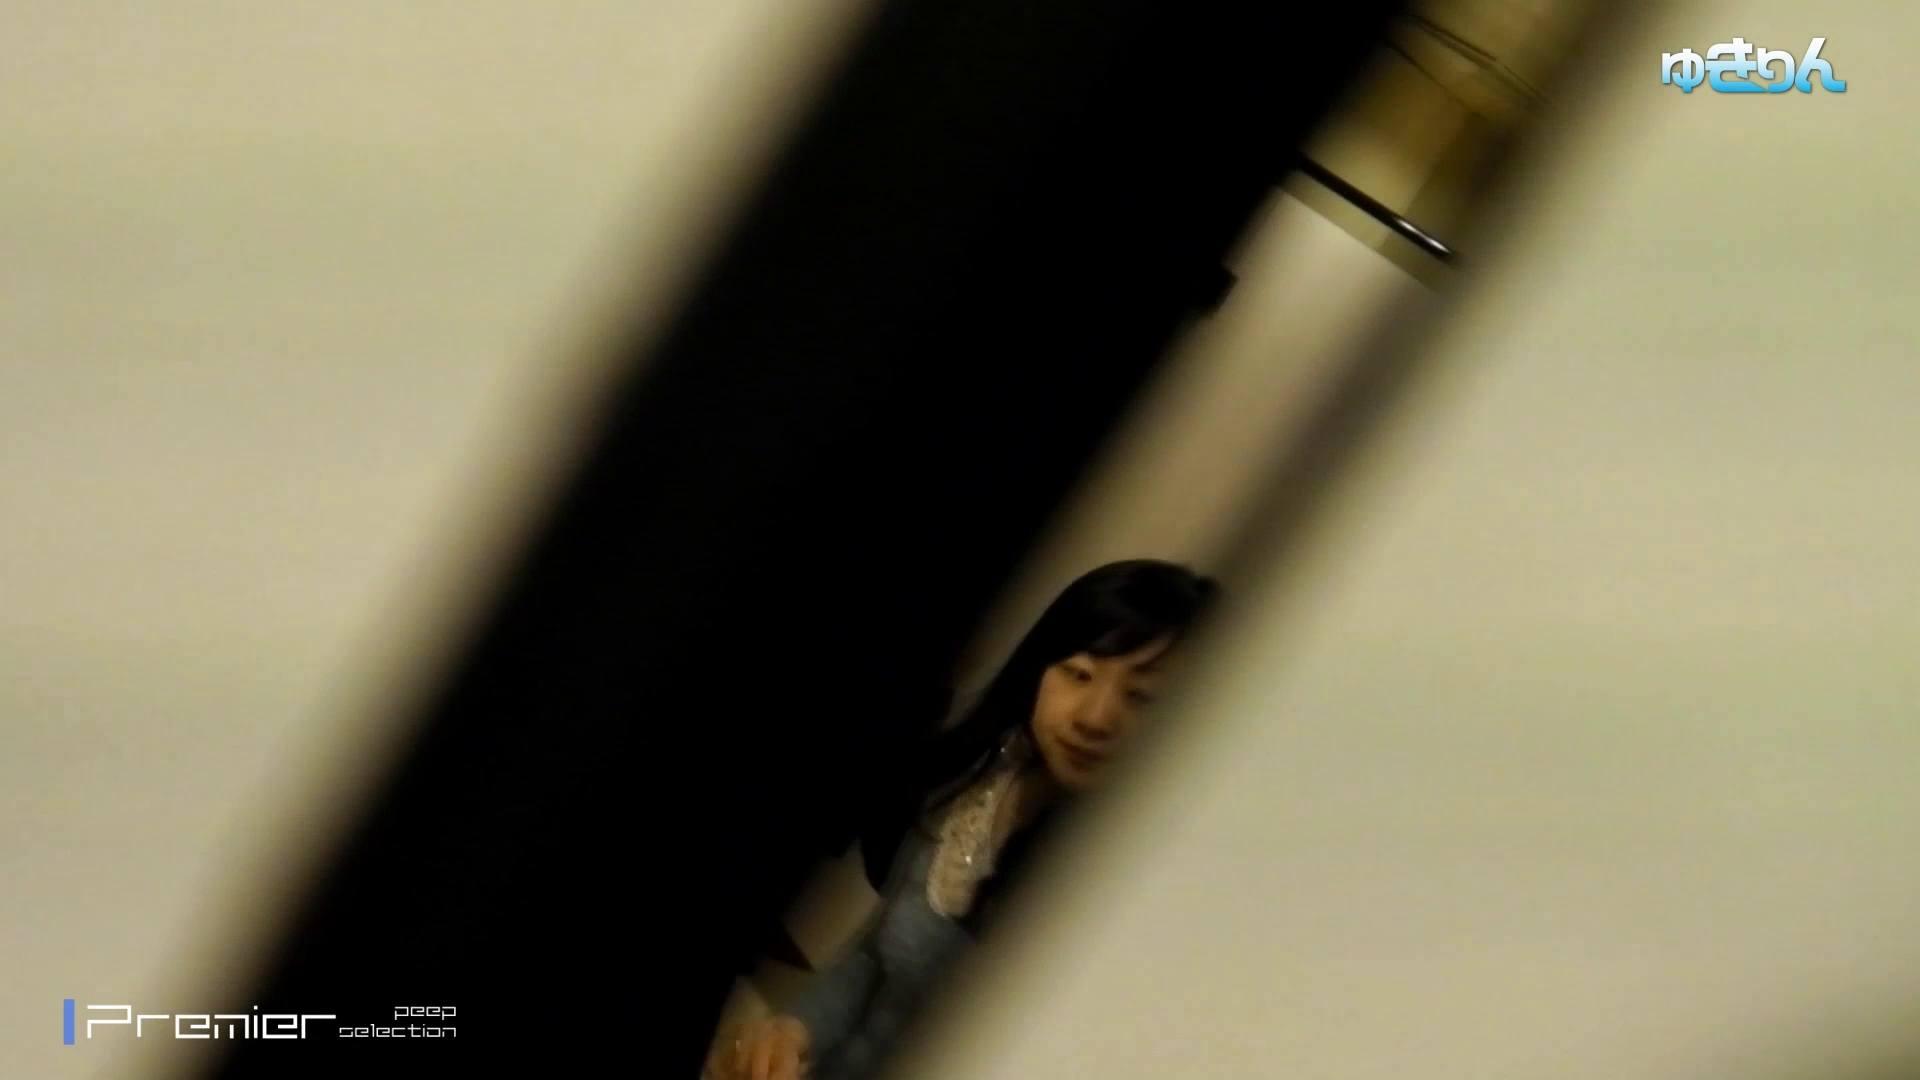 新世界の射窓 No89 あの有名のショーに出ているモデルが偶然に利用するという 洗面所  58pic 20